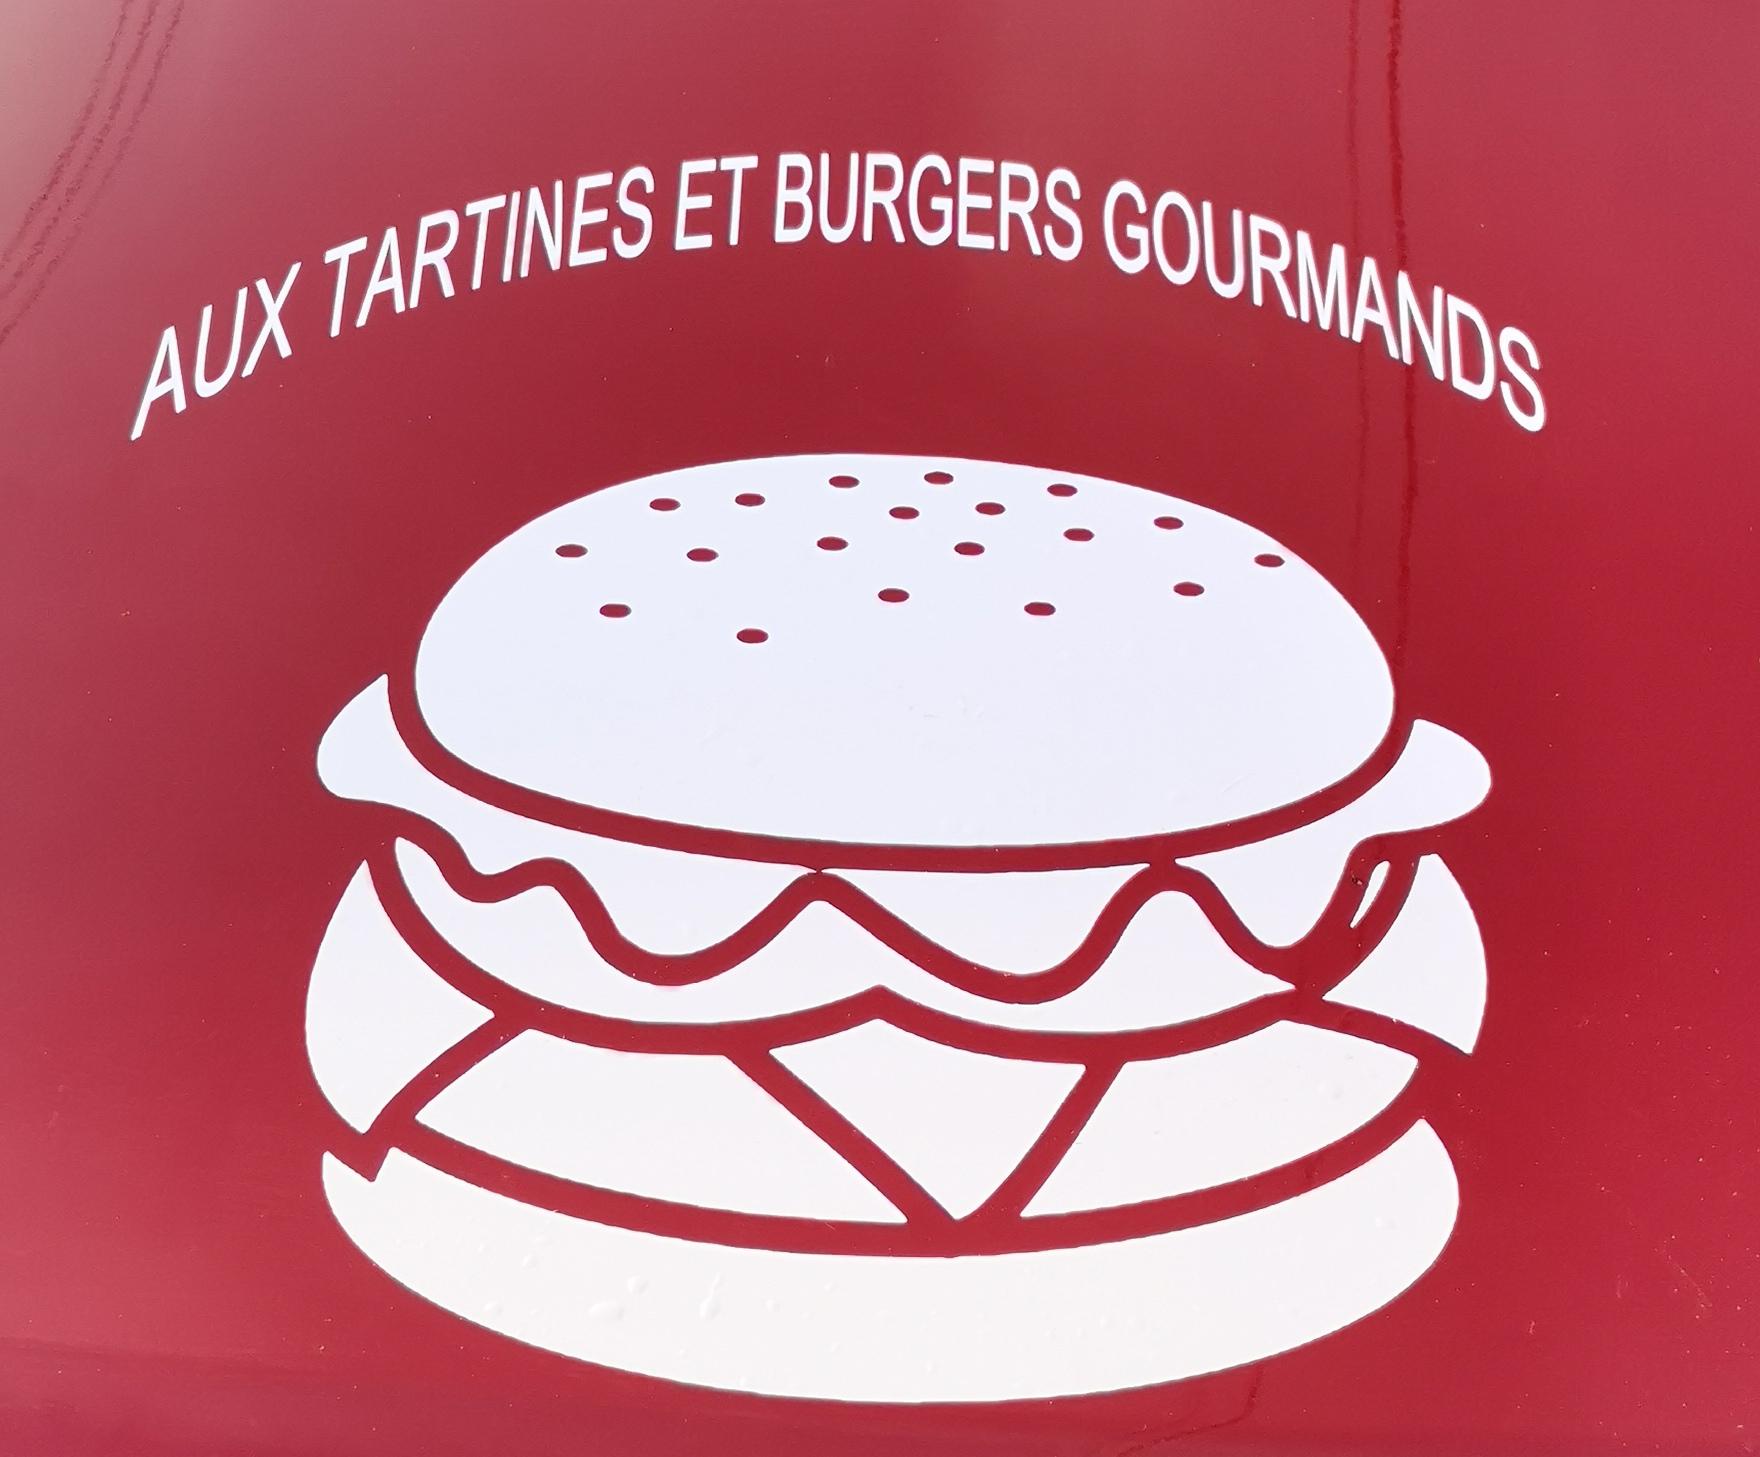 Aux tartines et burgers gourmands